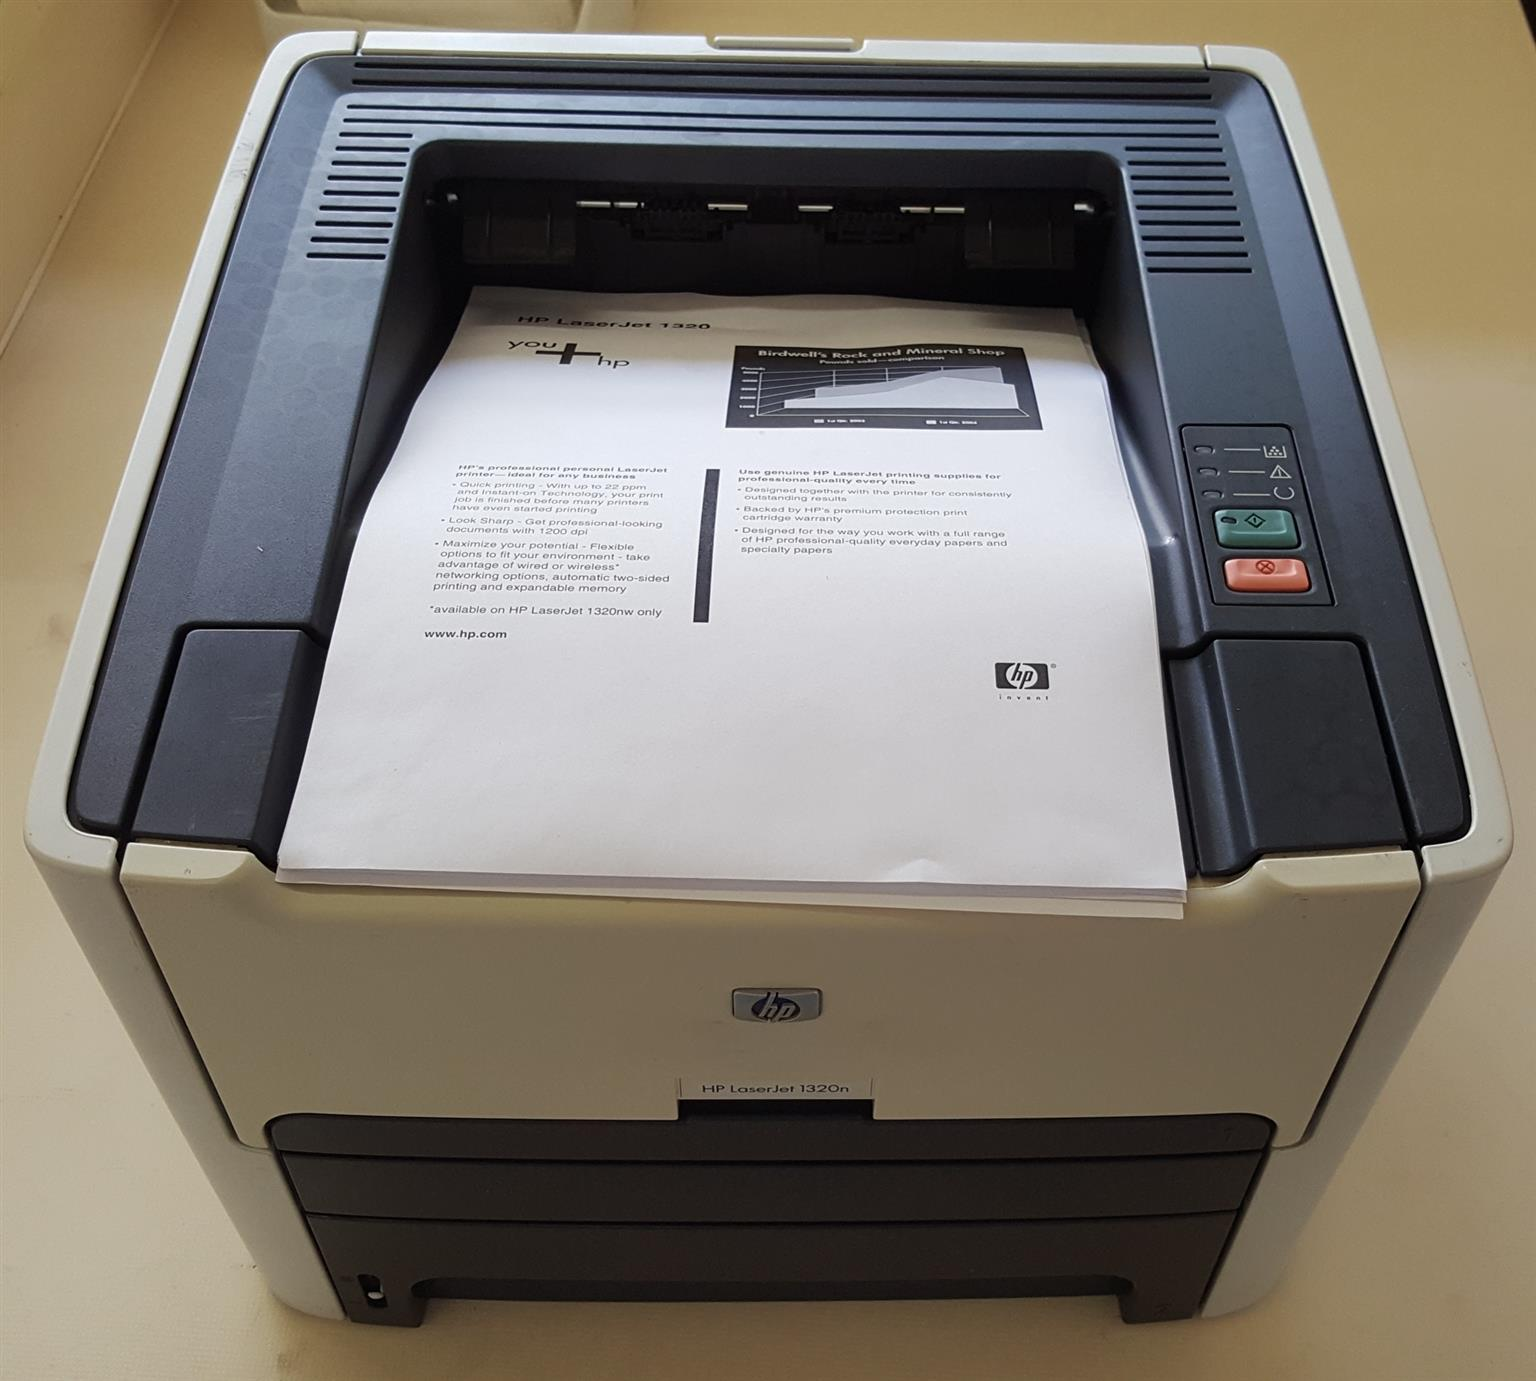 HP LaserJet 1320dn Mono Printer